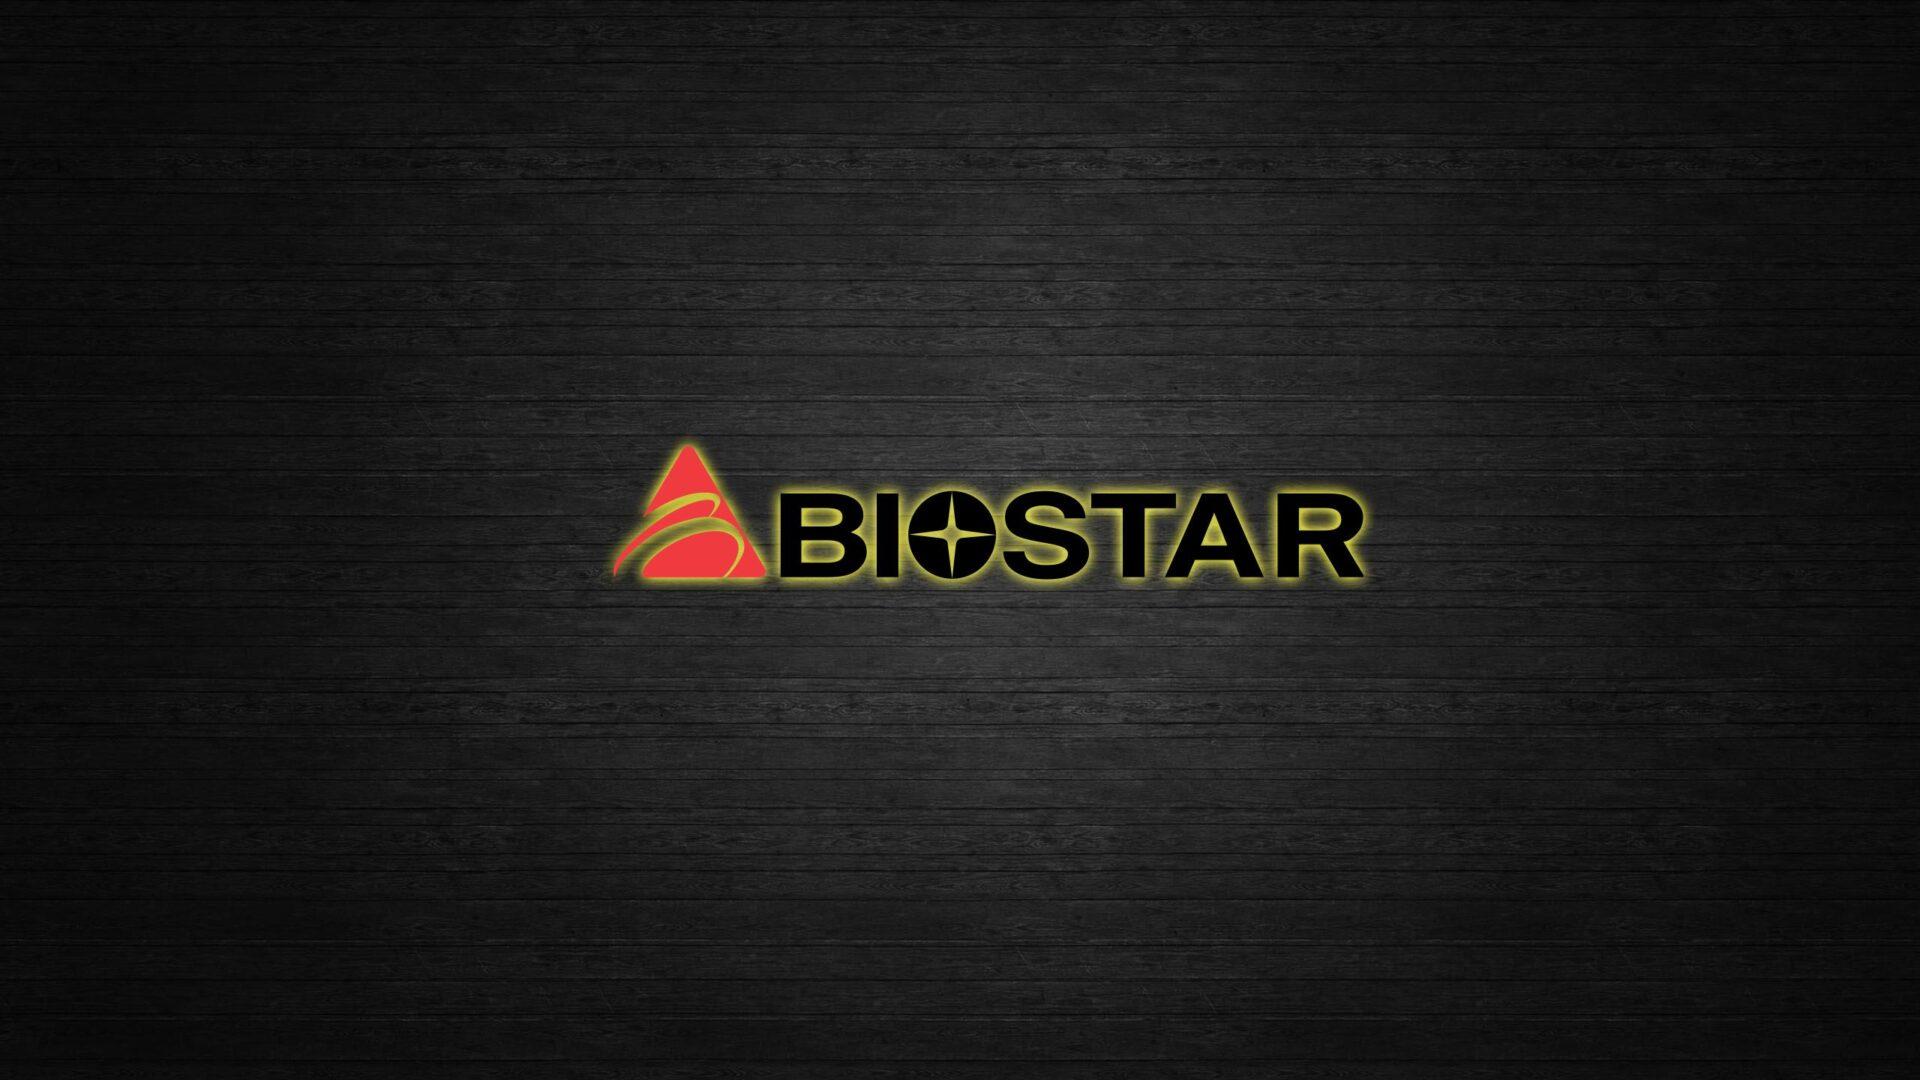 Biostar AMD